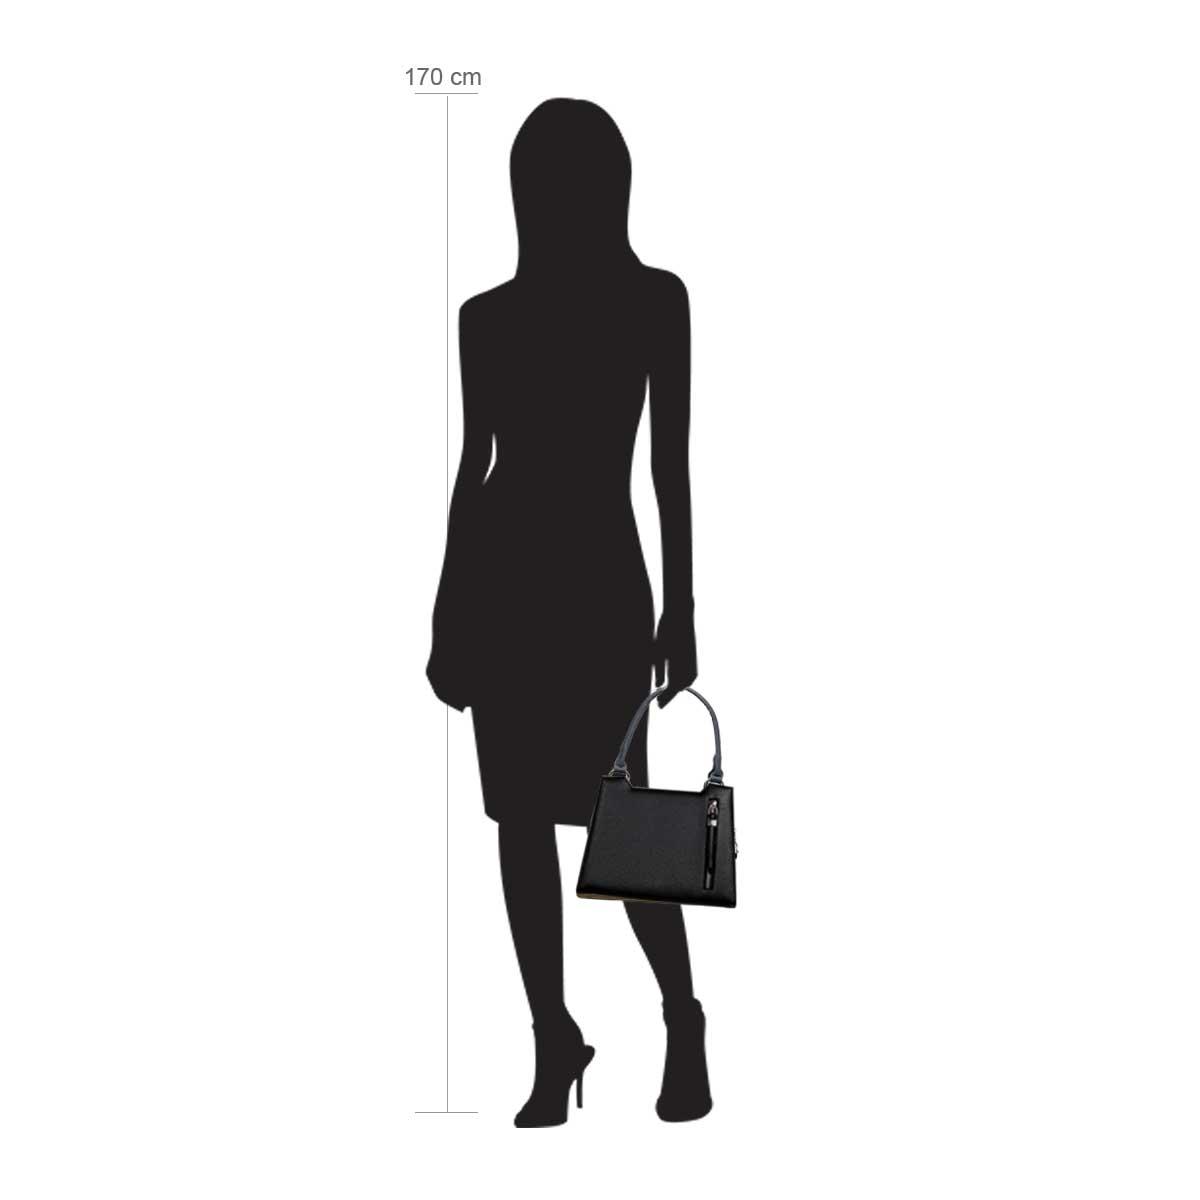 Modellpuppe 170 cm groß zeigt die Handtaschengröße an der Person Modell:Müritz